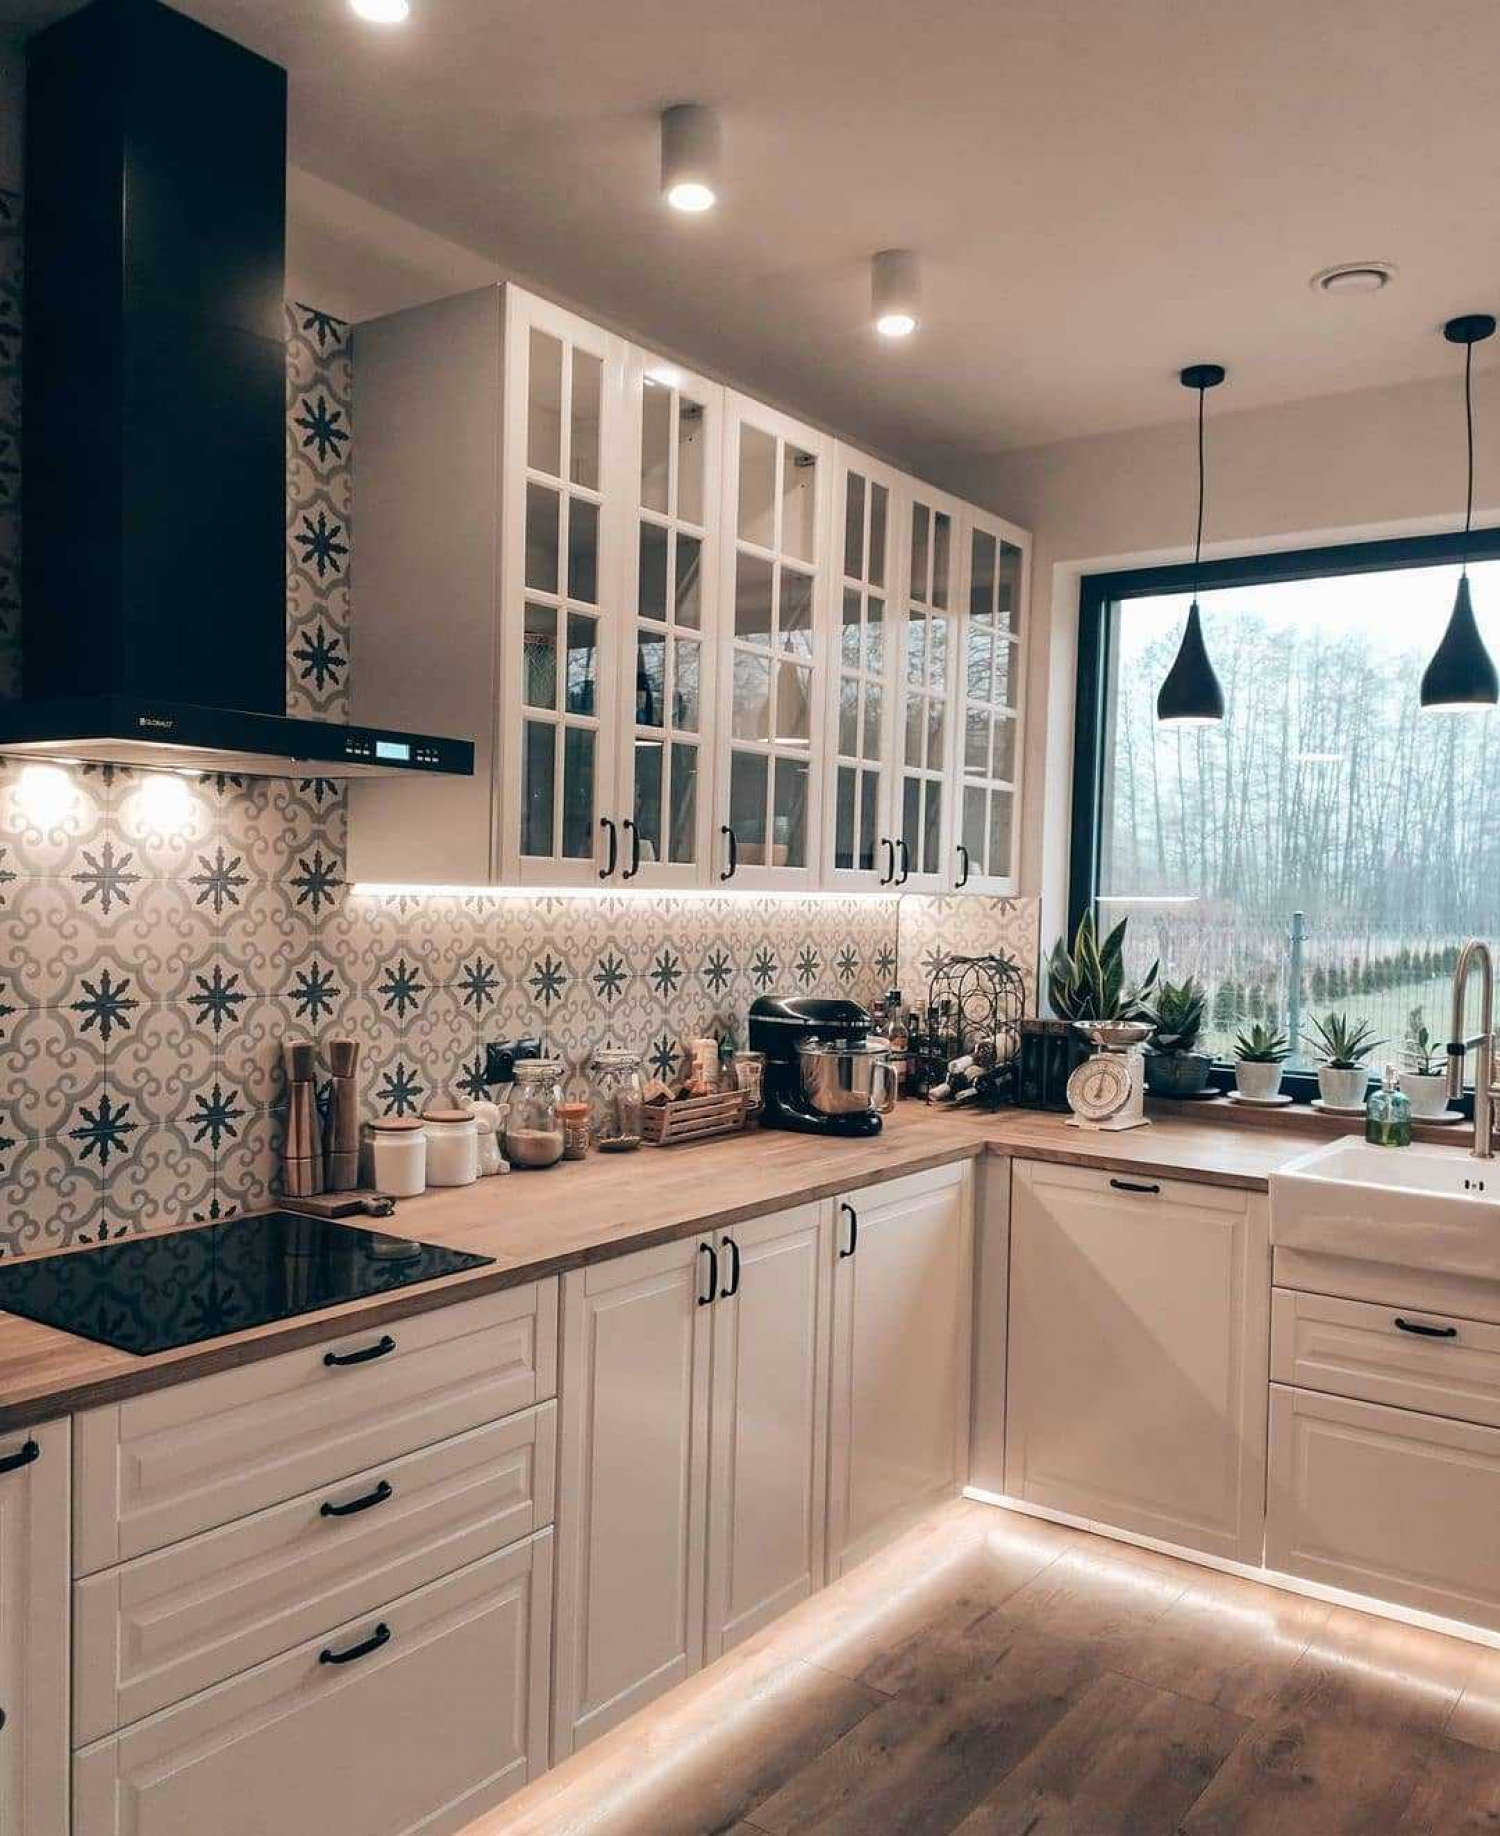 Teal Kitchen Ideas Teal Tile Backsplash